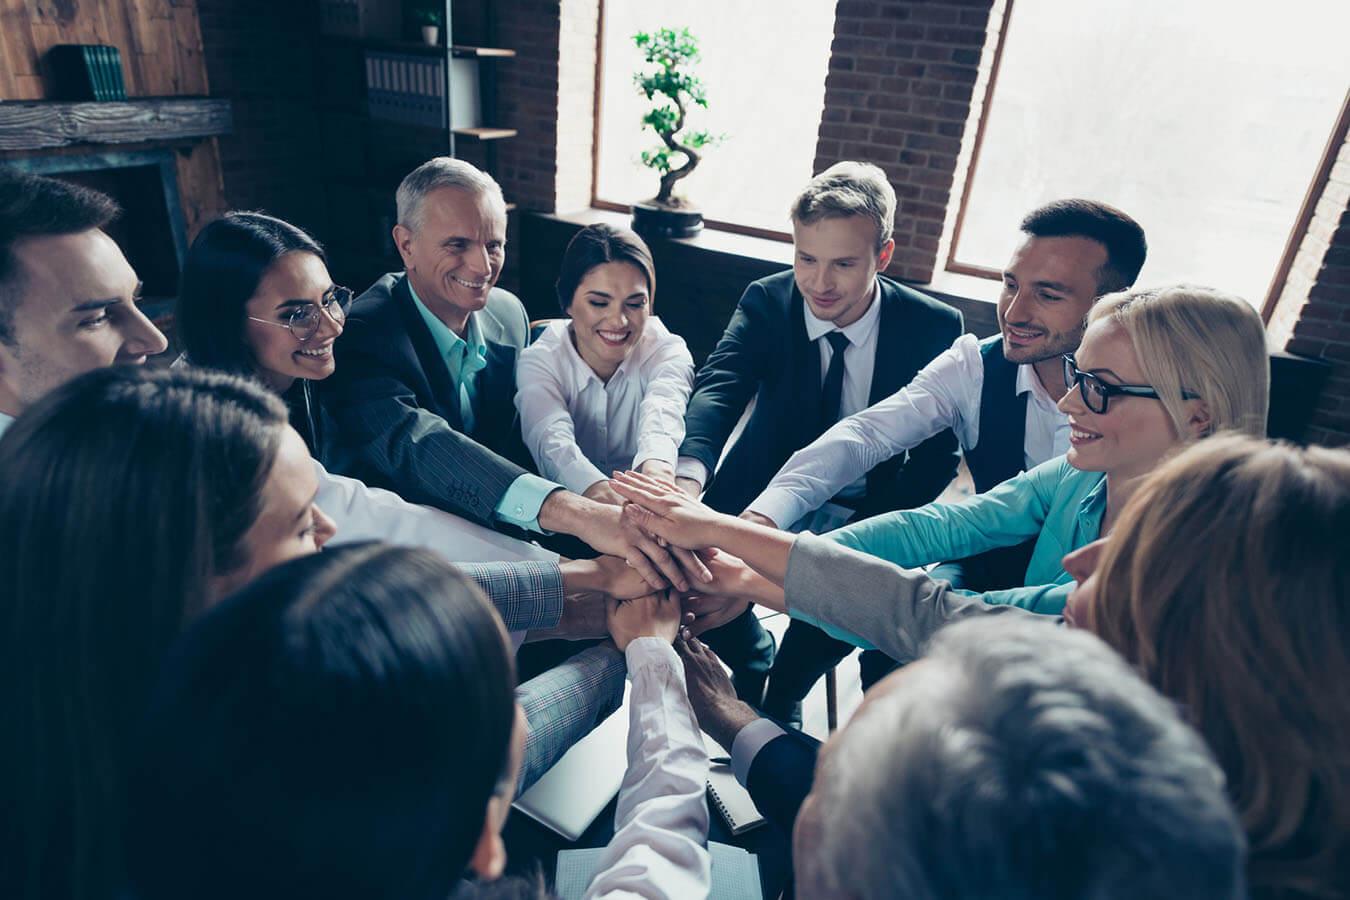 La psicologia della performance applicata al lavoro nelle palestre